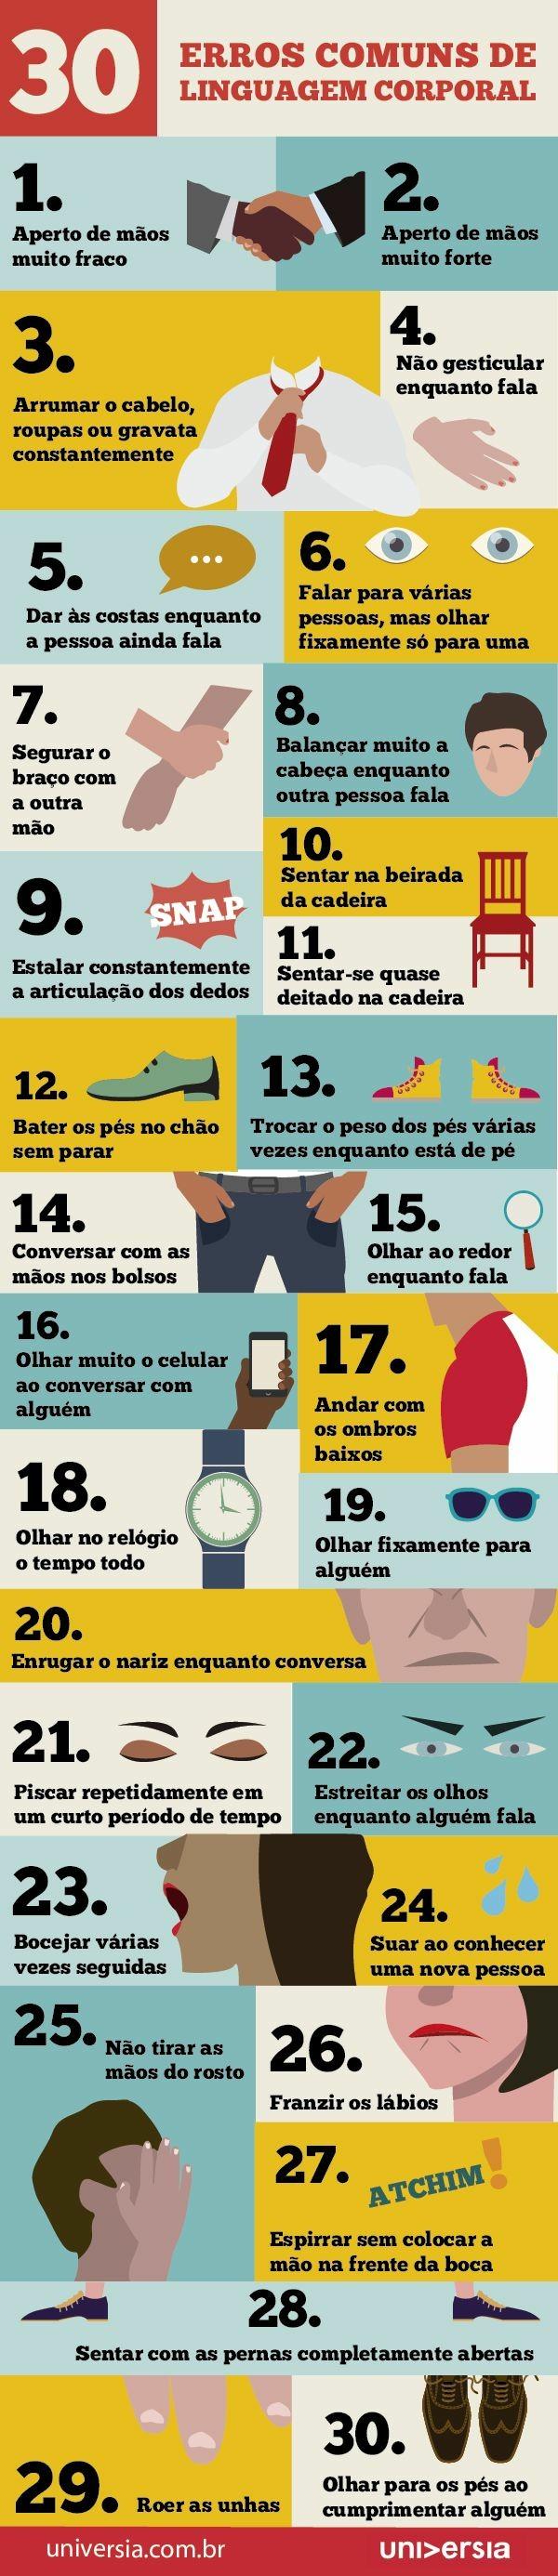 30 erros de linguagem corporal